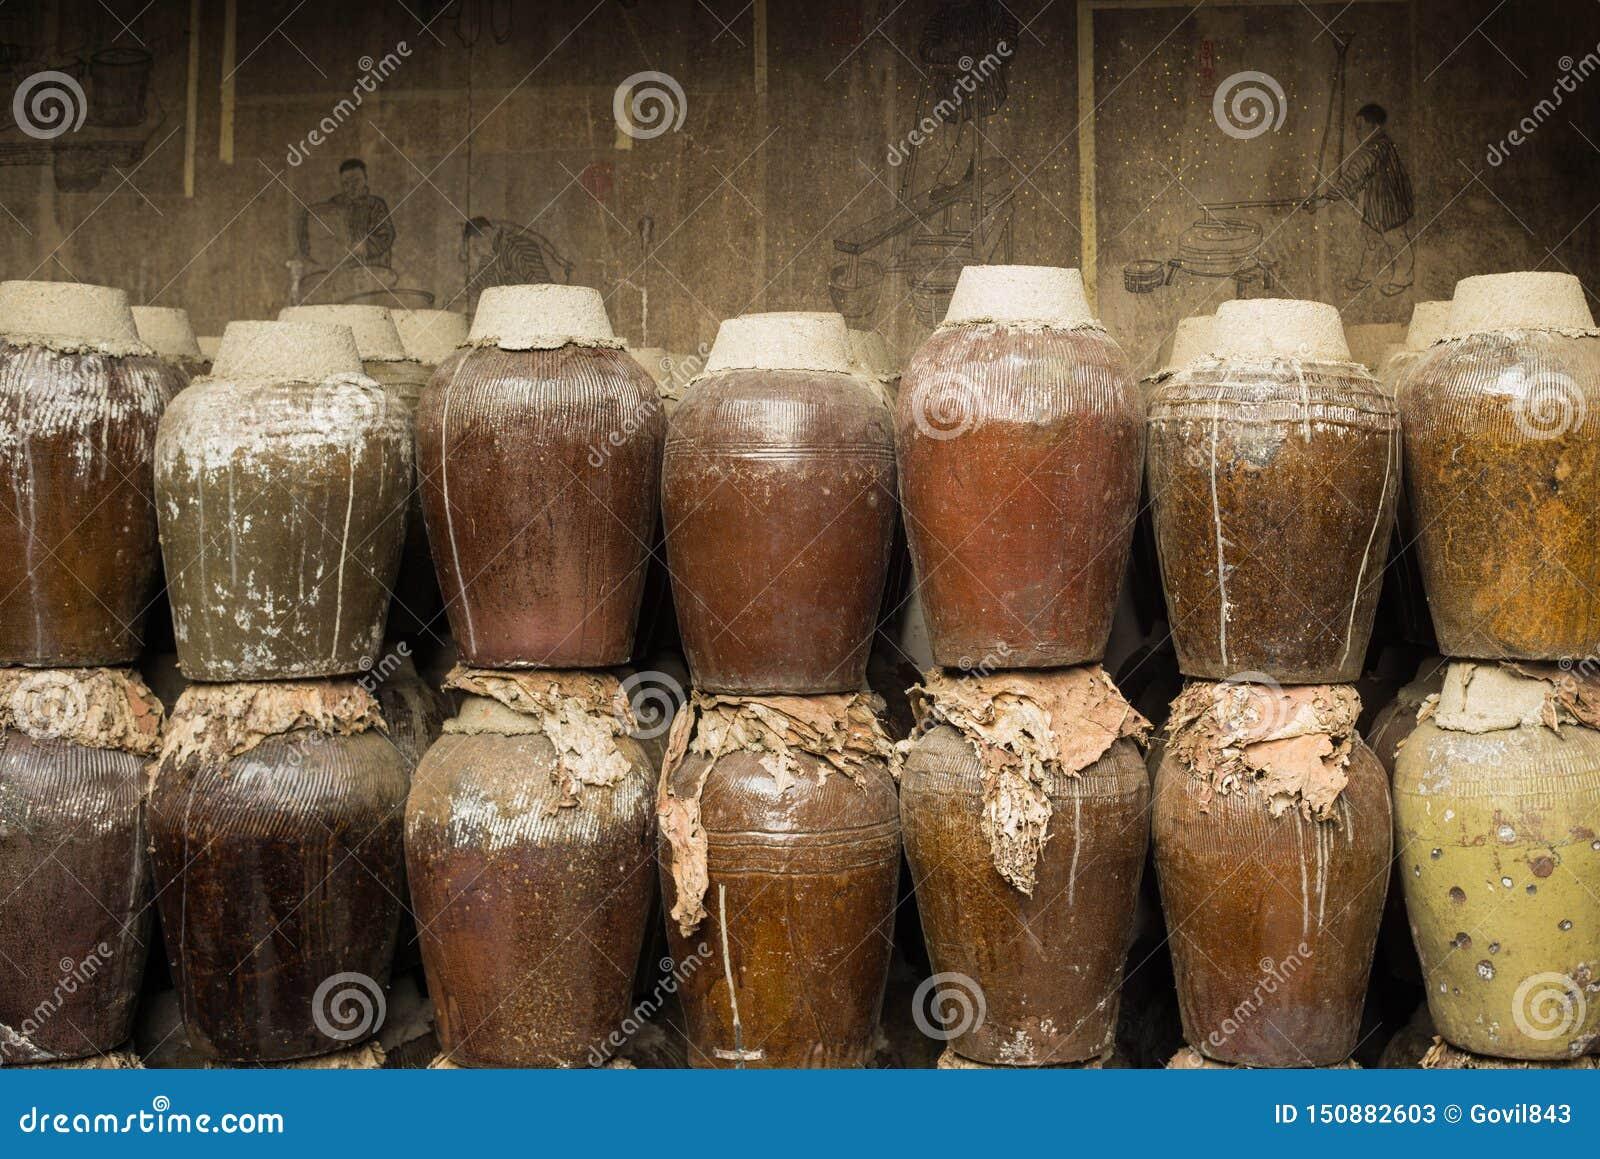 一个小组被密封的陶瓷啤酒桶,存放在啤酒工厂在周庄水镇,中国